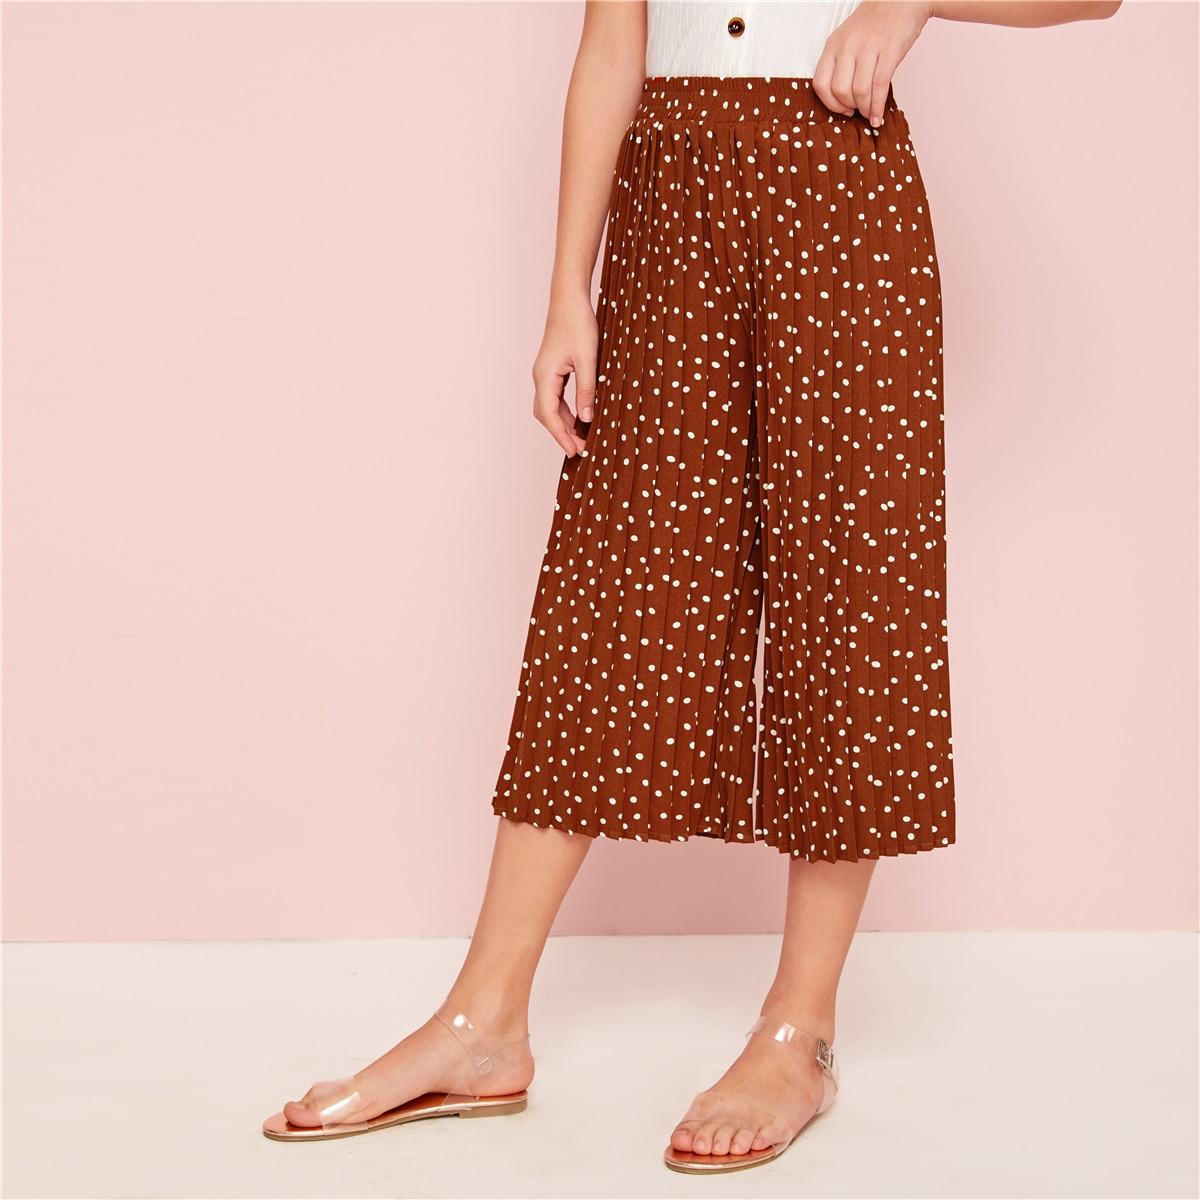 SHEIN / Mädchen Hosen mit Punkten, weitem Beinschnitt und Plissee